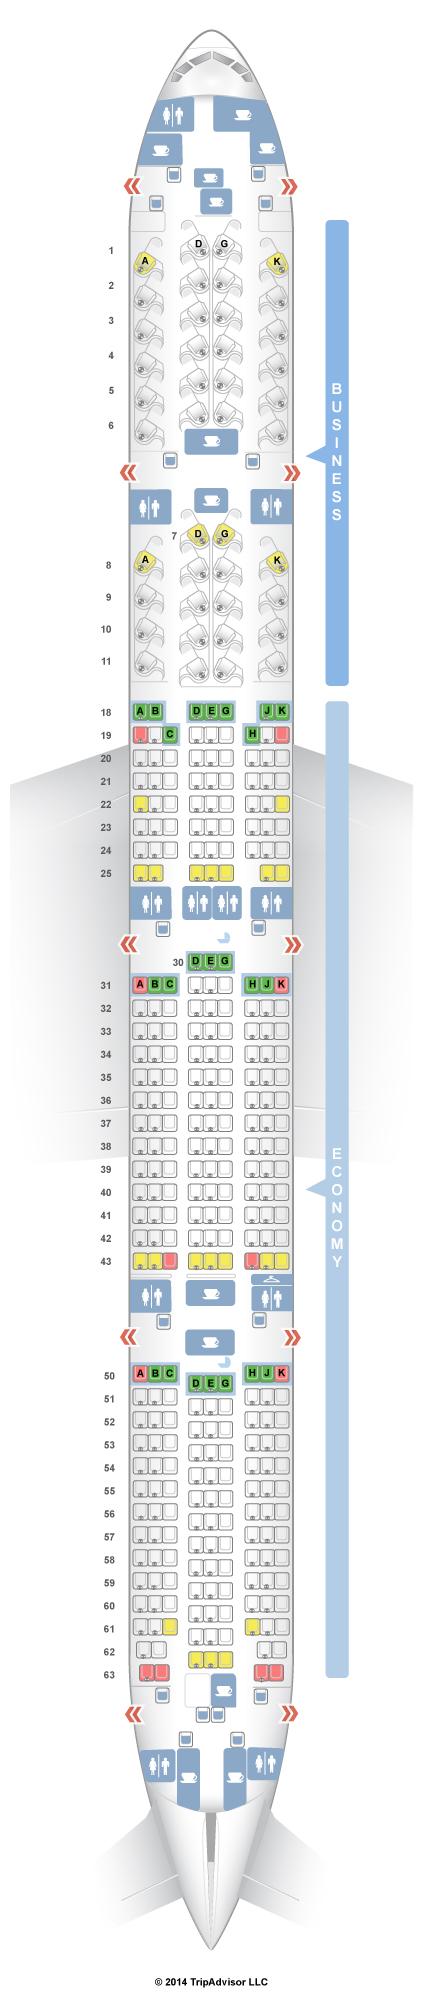 Air Canada Ac 15 Seat Map SeatGuru Seat Map Air Canada   SeatGuru